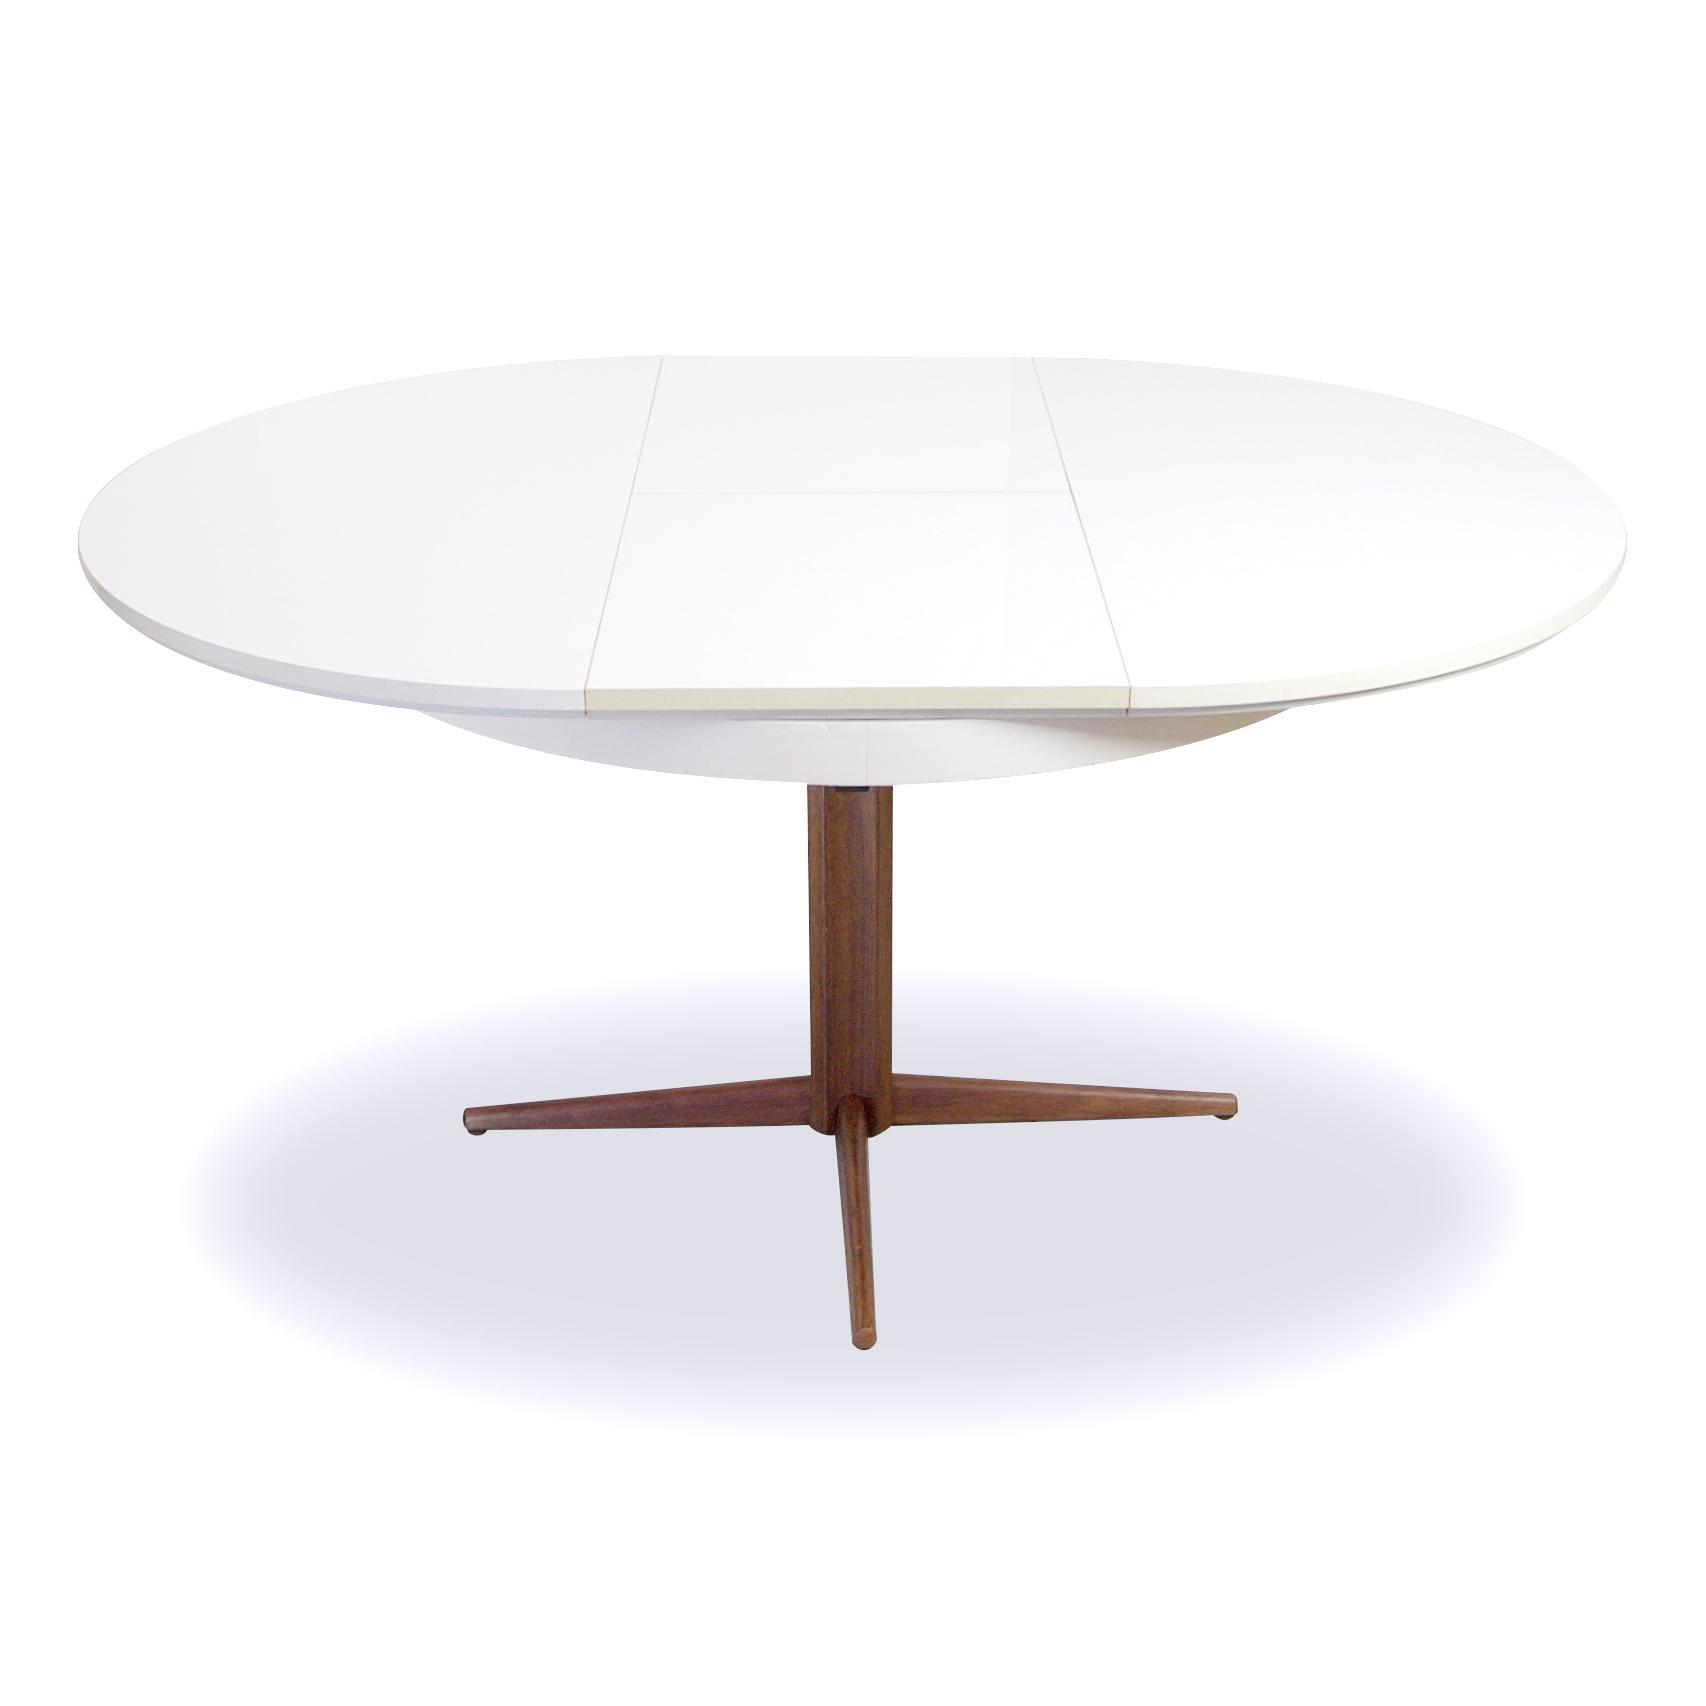 Design Witte Eettafel.Deens Design Ronde Eettafel Op Sterpoot Met Uitschuifbaar Blad